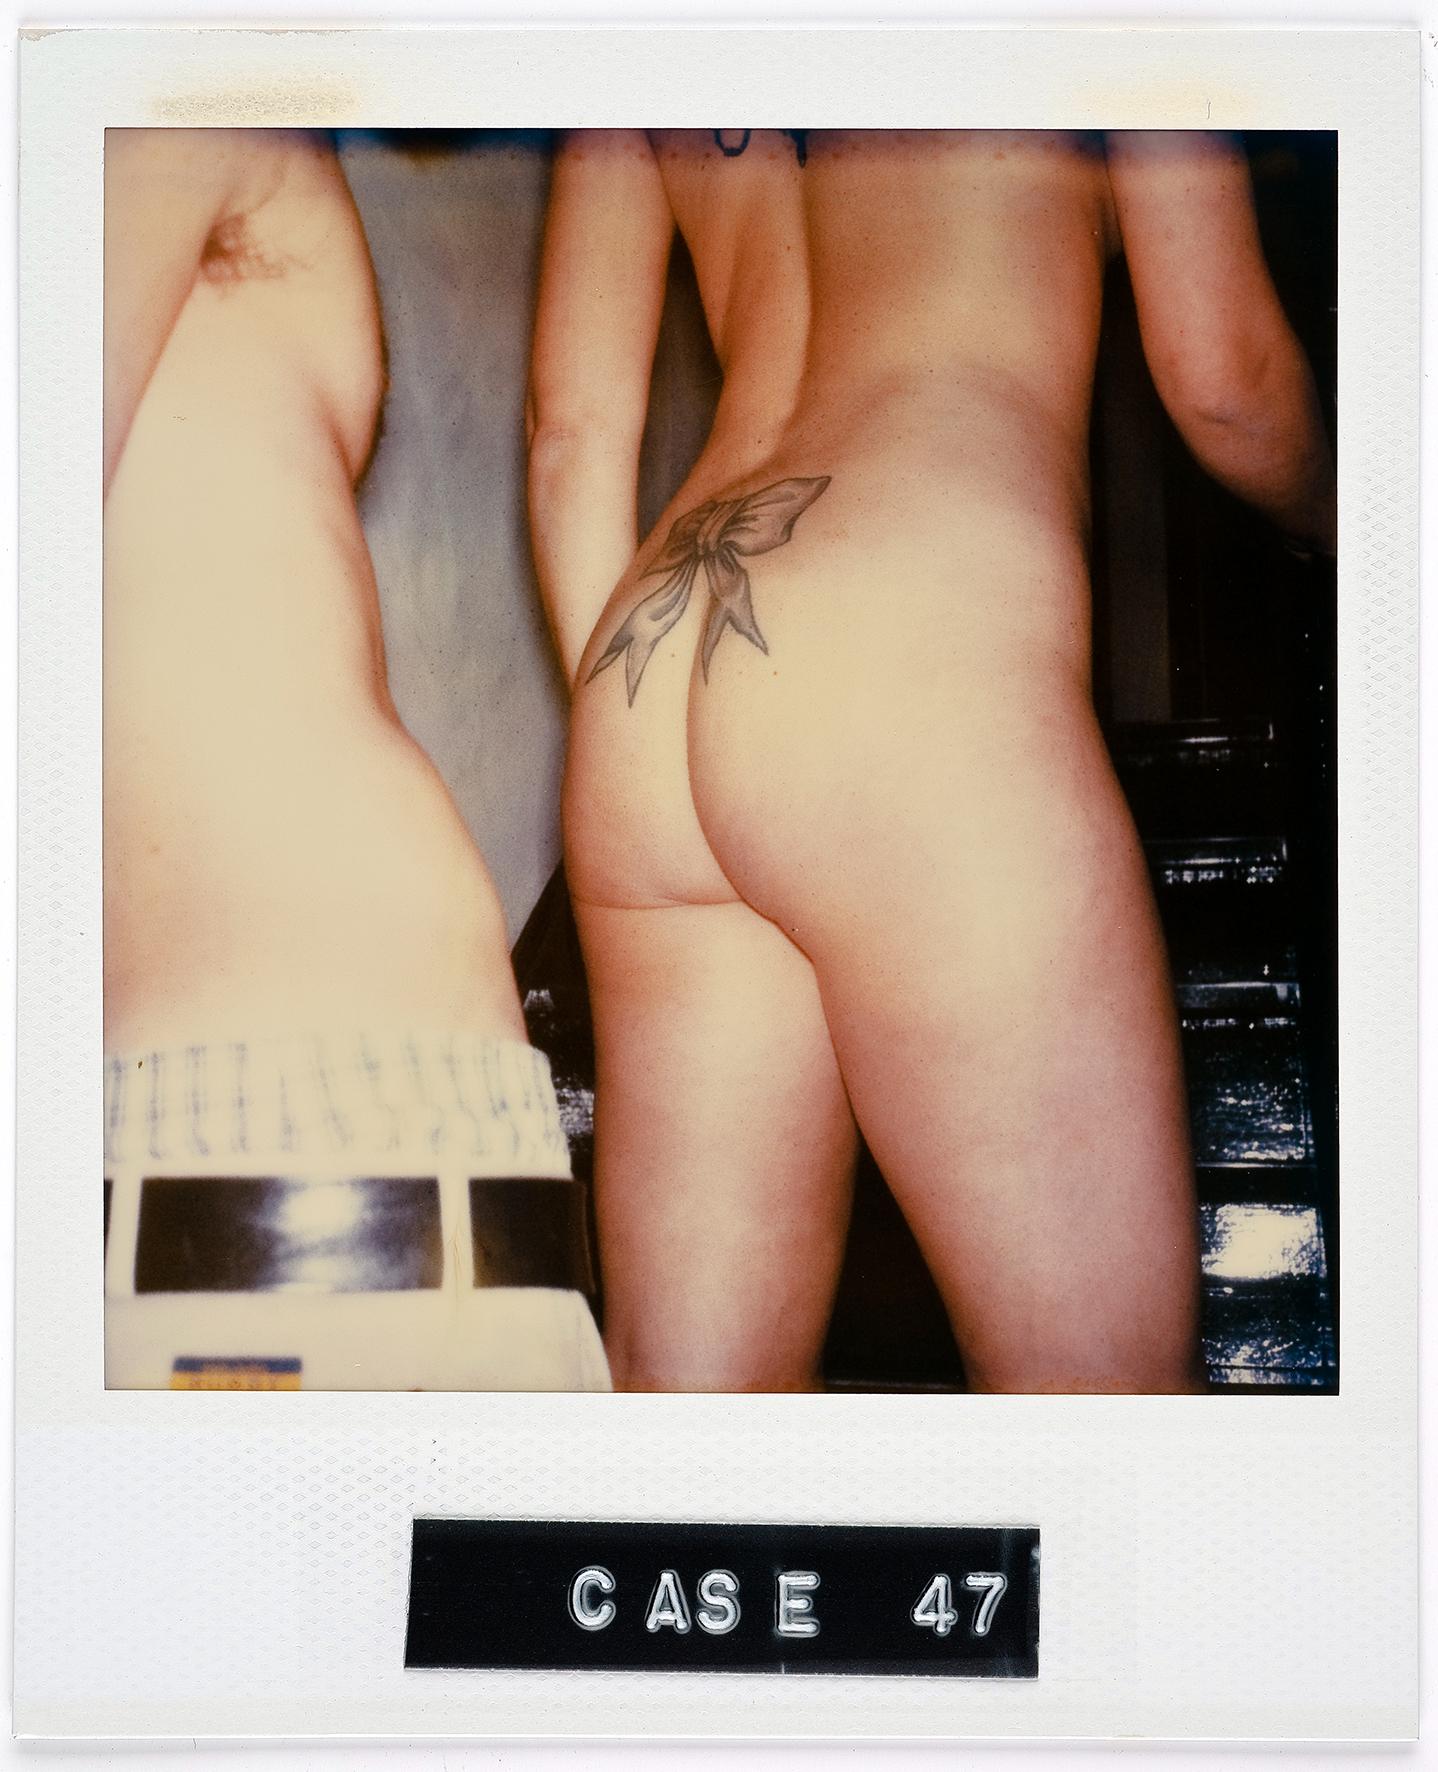 Case 47